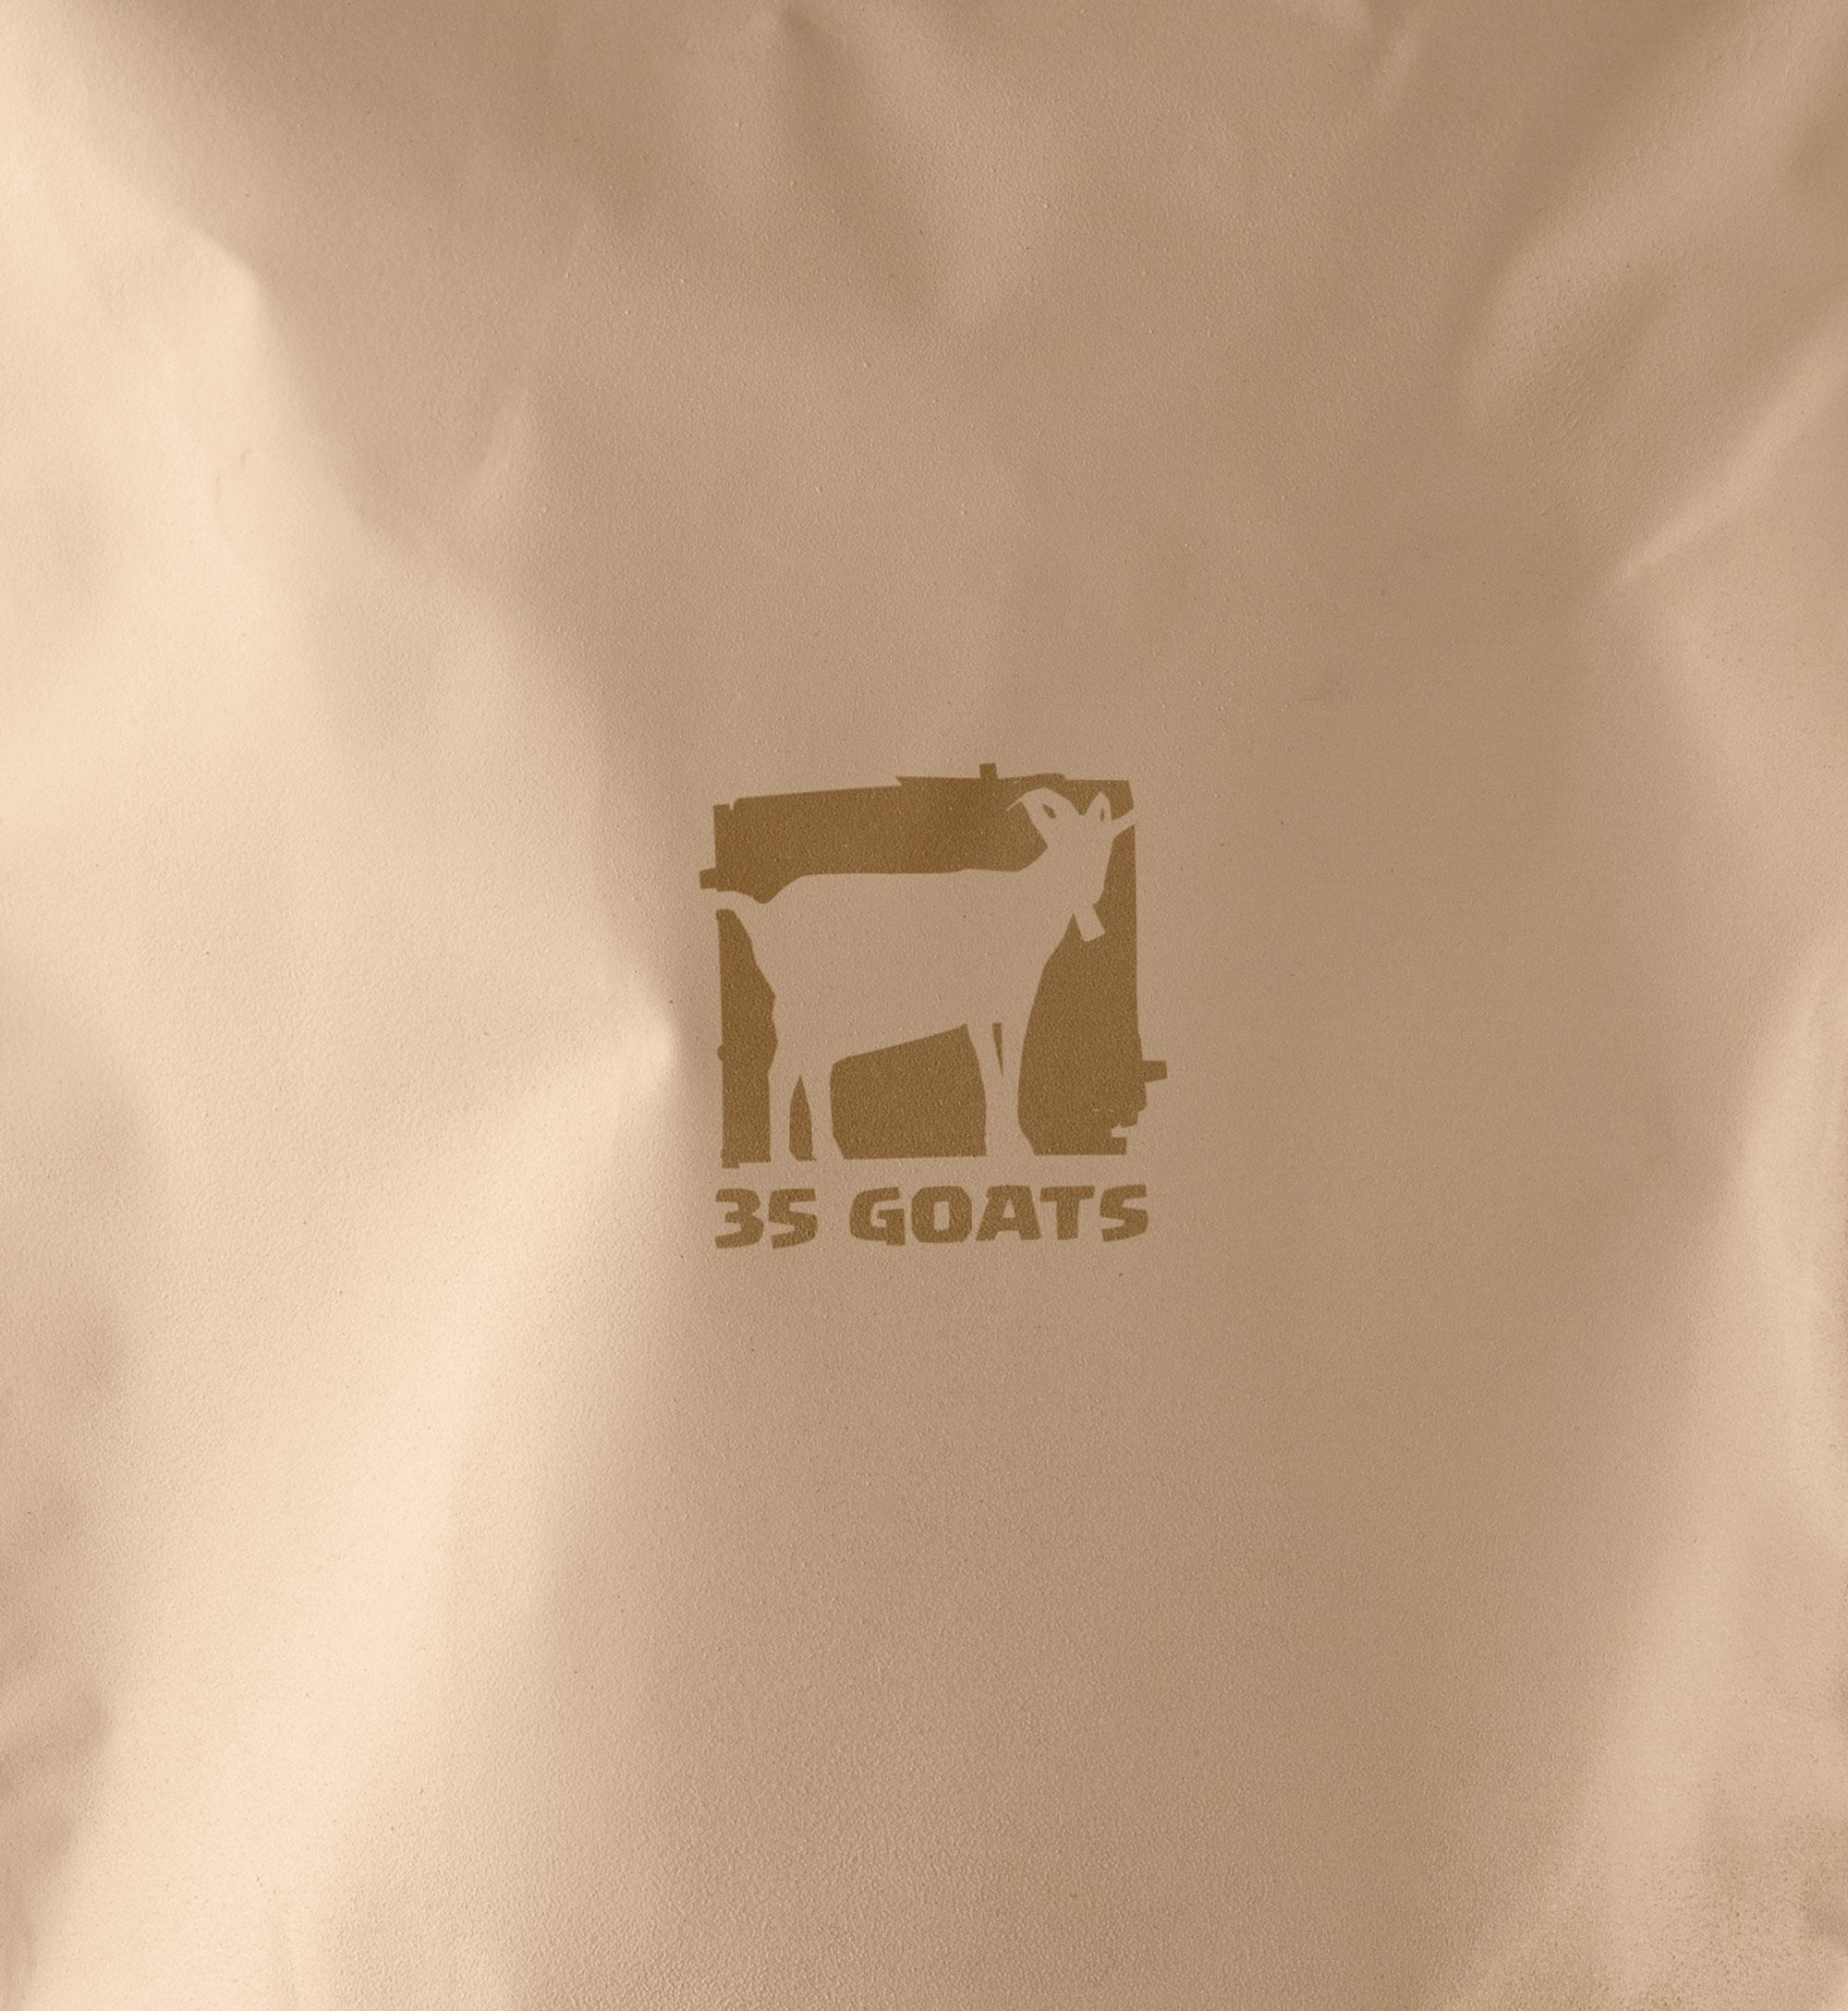 35-Goats-5.jpg